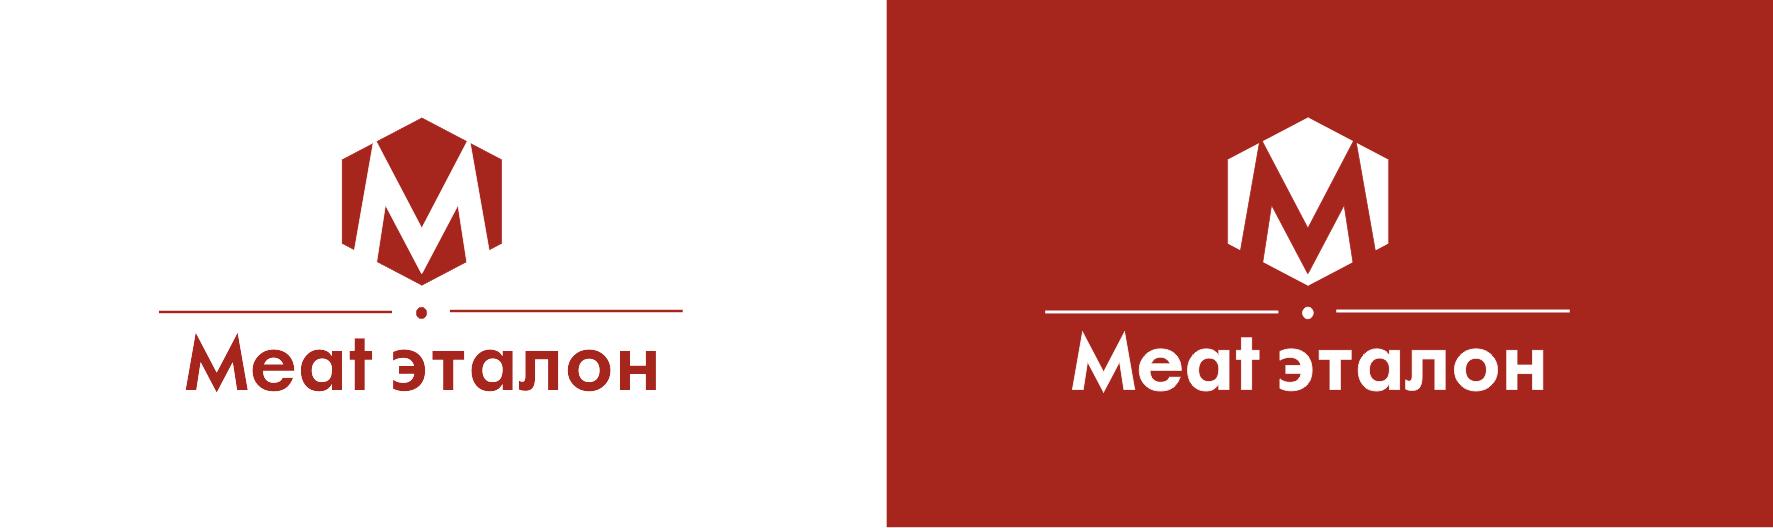 Логотип компании «Meat эталон» фото f_86856f5c0753cf74.png